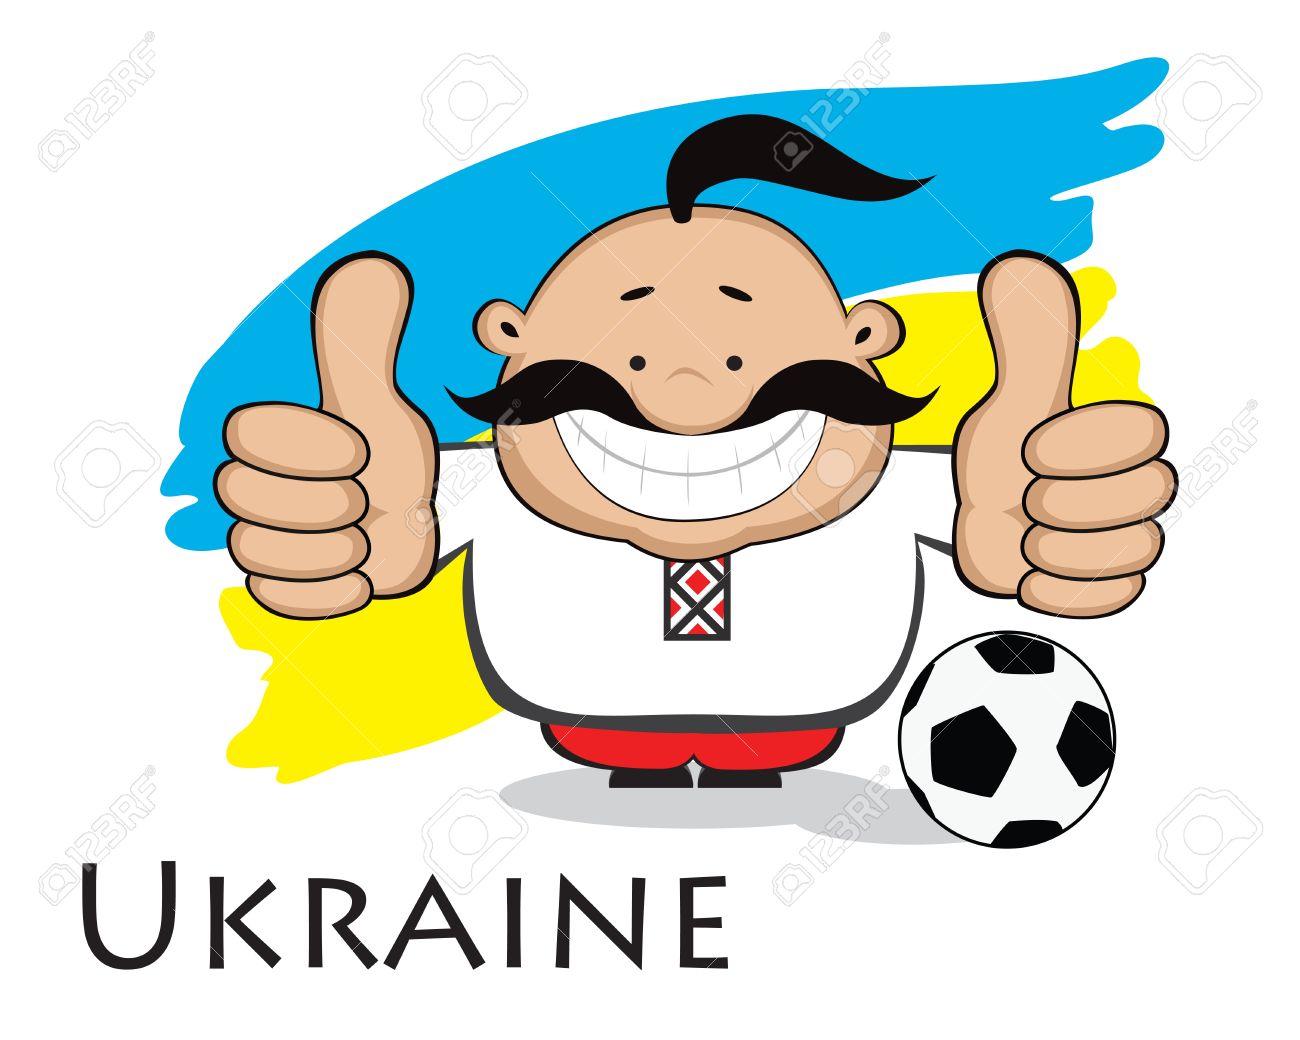 Сборная Украины по футболу выходит в финальную часть Евро-2016 - Цензор.НЕТ 9549